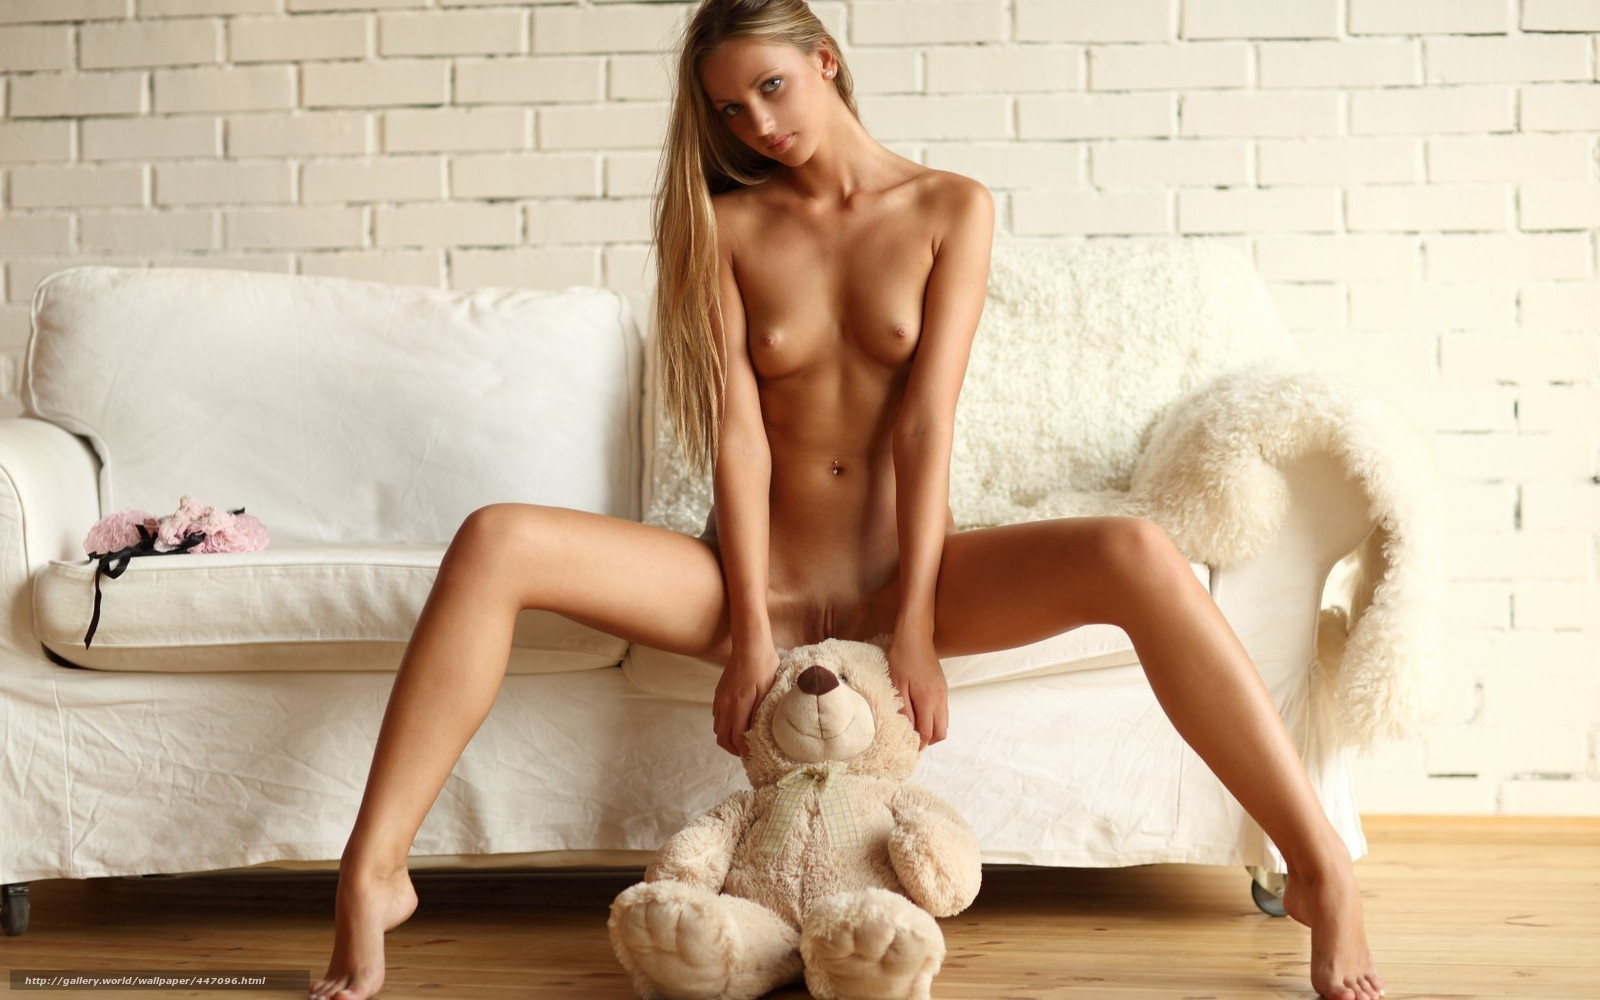 Фото девушек голые игрушка между ног 24 фотография